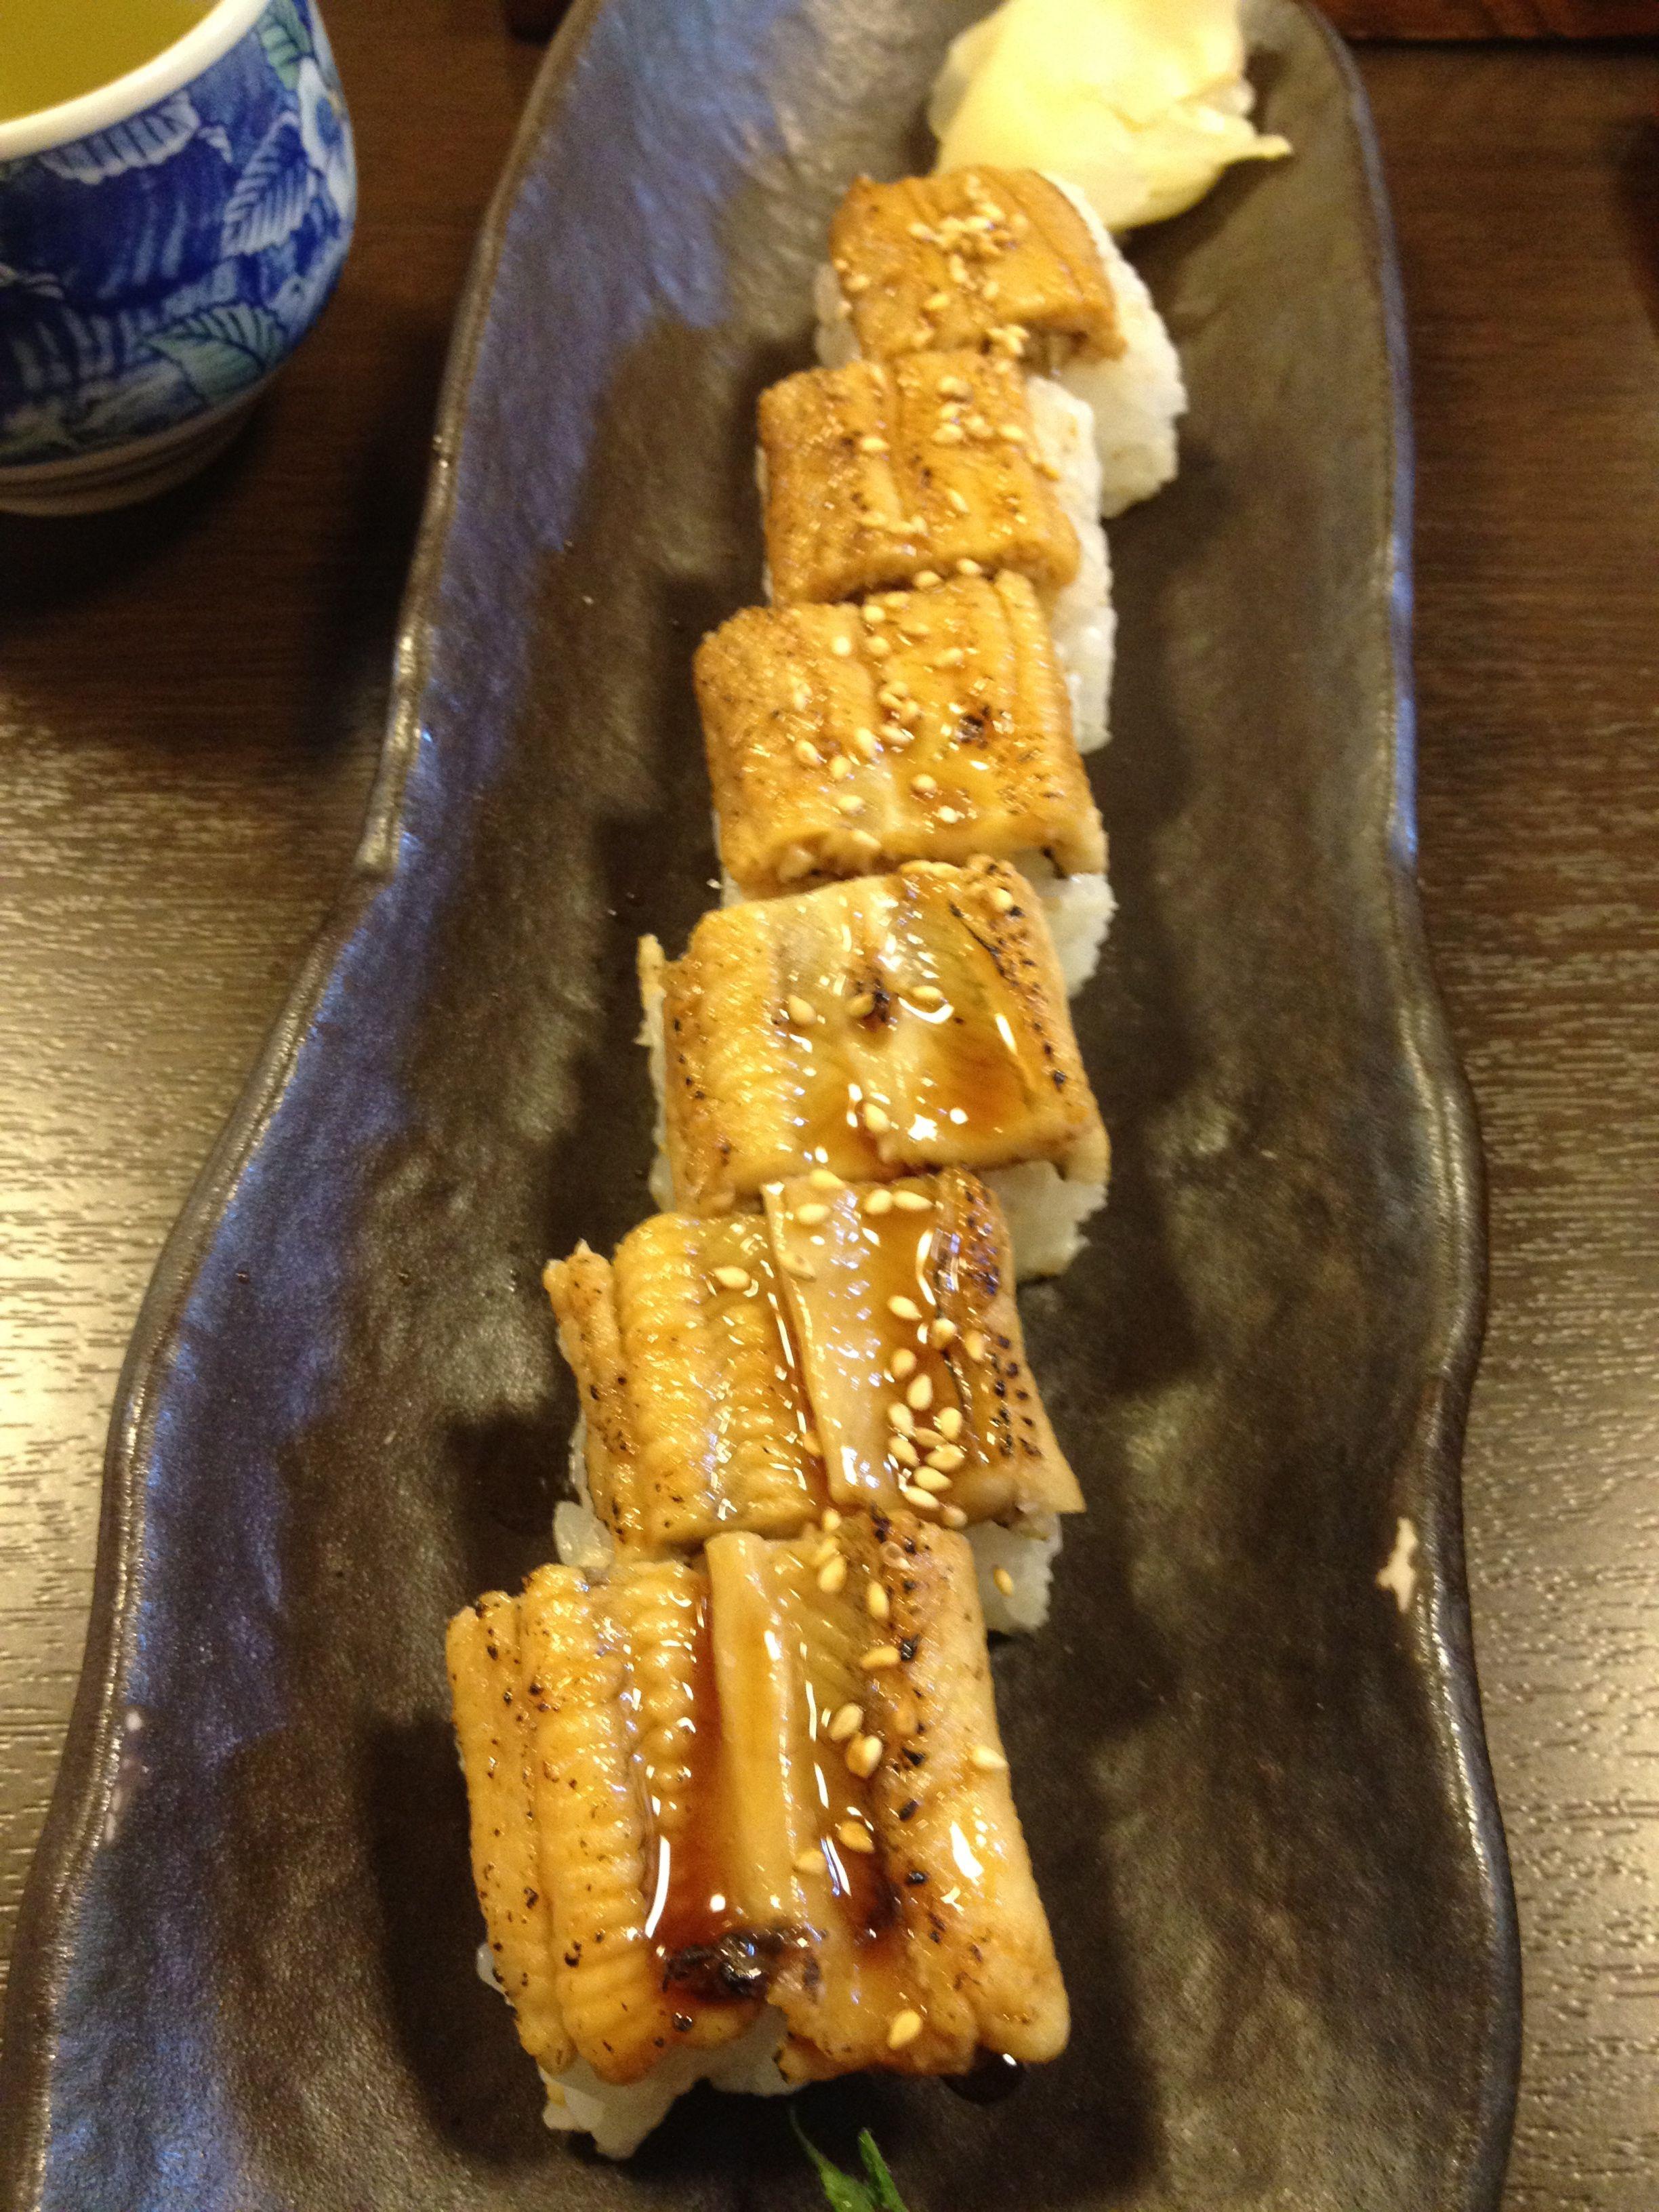 美味しいもの おしゃれまとめの人気アイデア Pinterest Chikako Takahashi 穴子寿司 美味しい 寿司